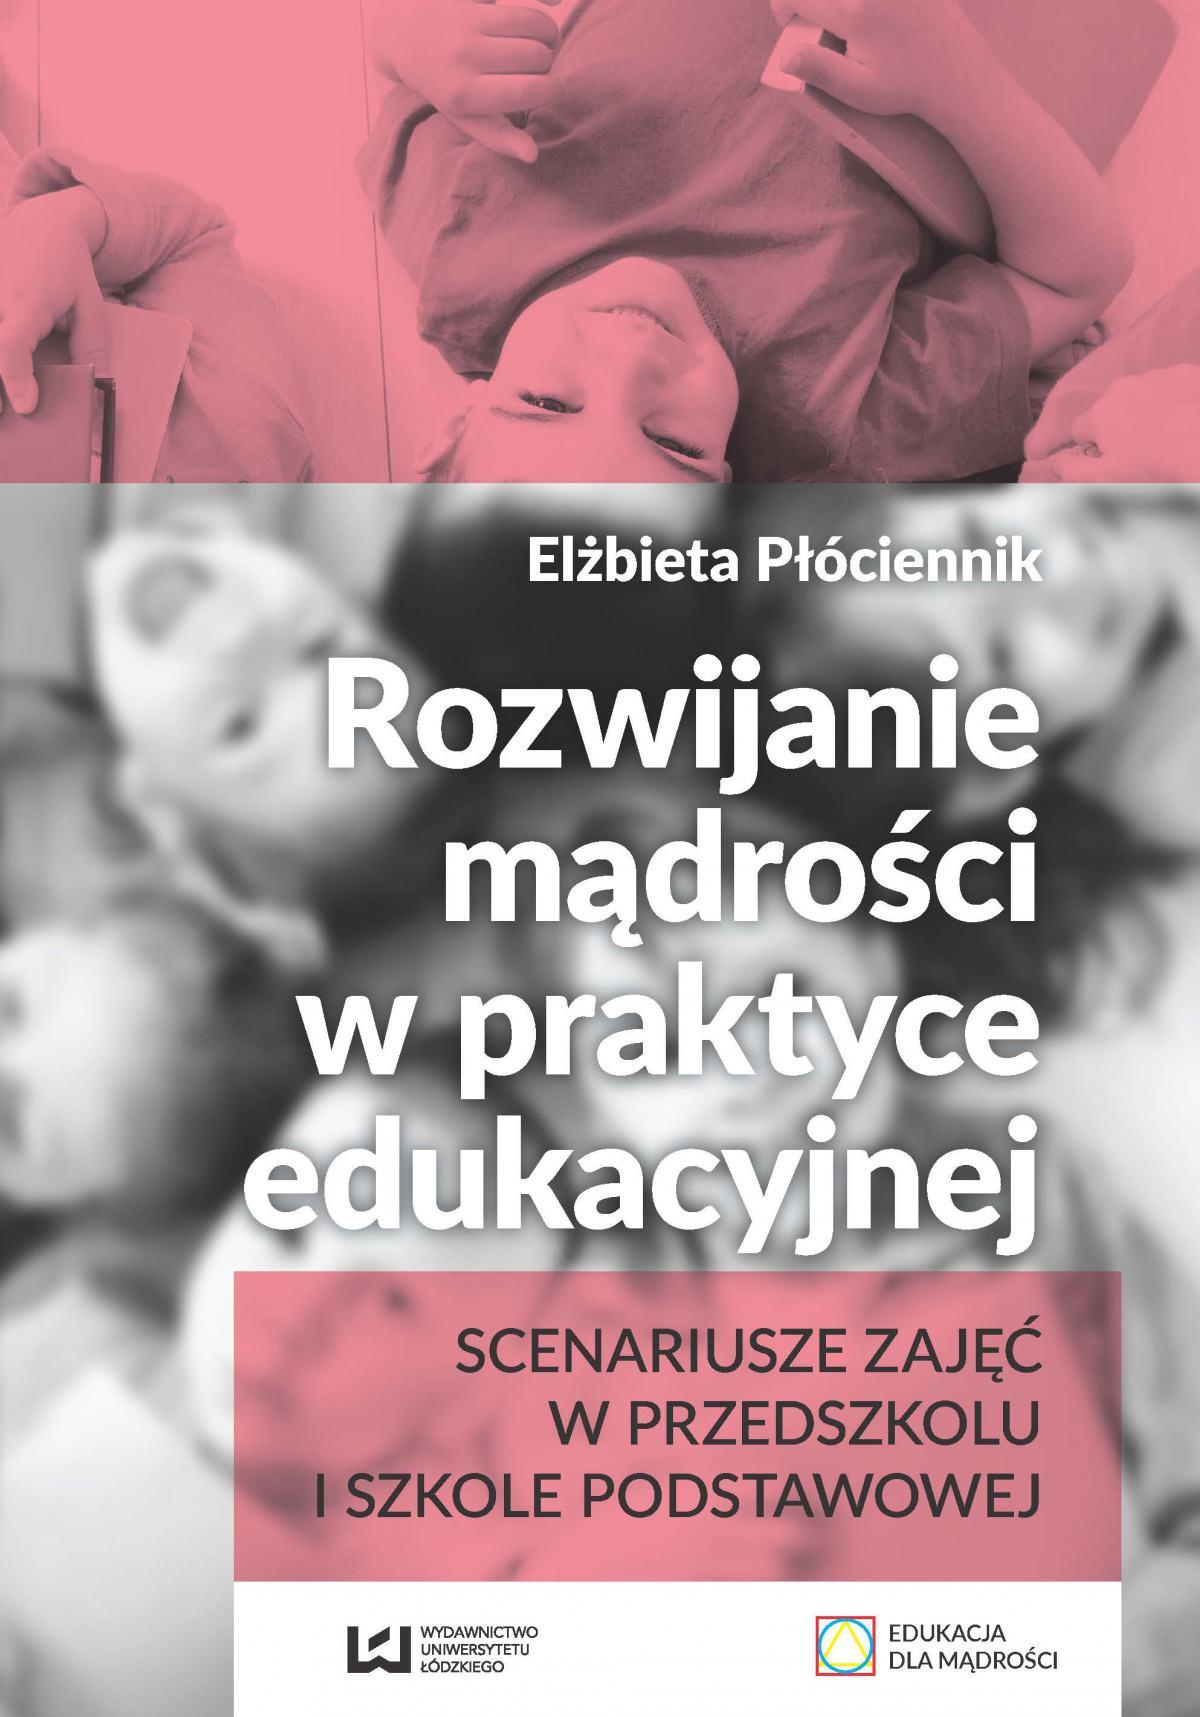 Rozwijanie mądrości w praktyce edukacyjnej. Scenariusze zajęć w przedszkolu i szkole podstawowej - Ebook (Książka PDF) do pobrania w formacie PDF